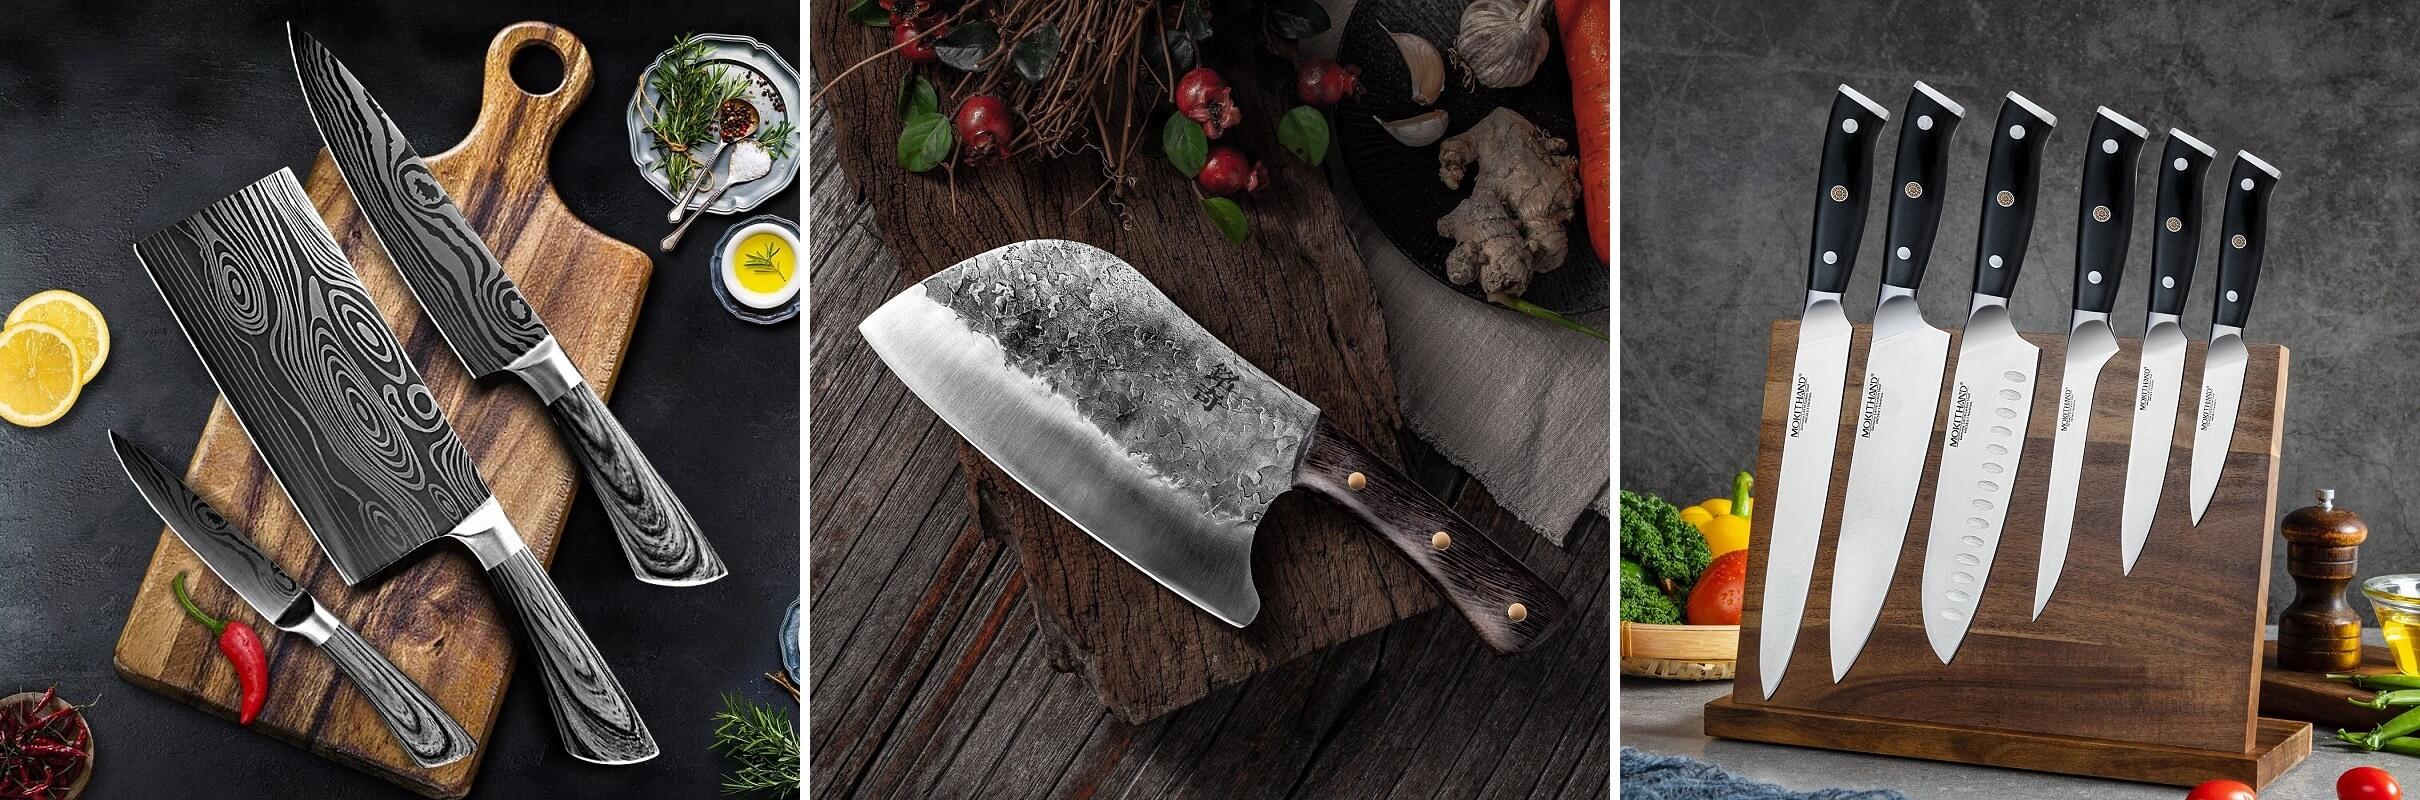 ТОП-10 кухонных ножей с Алиэкспресс